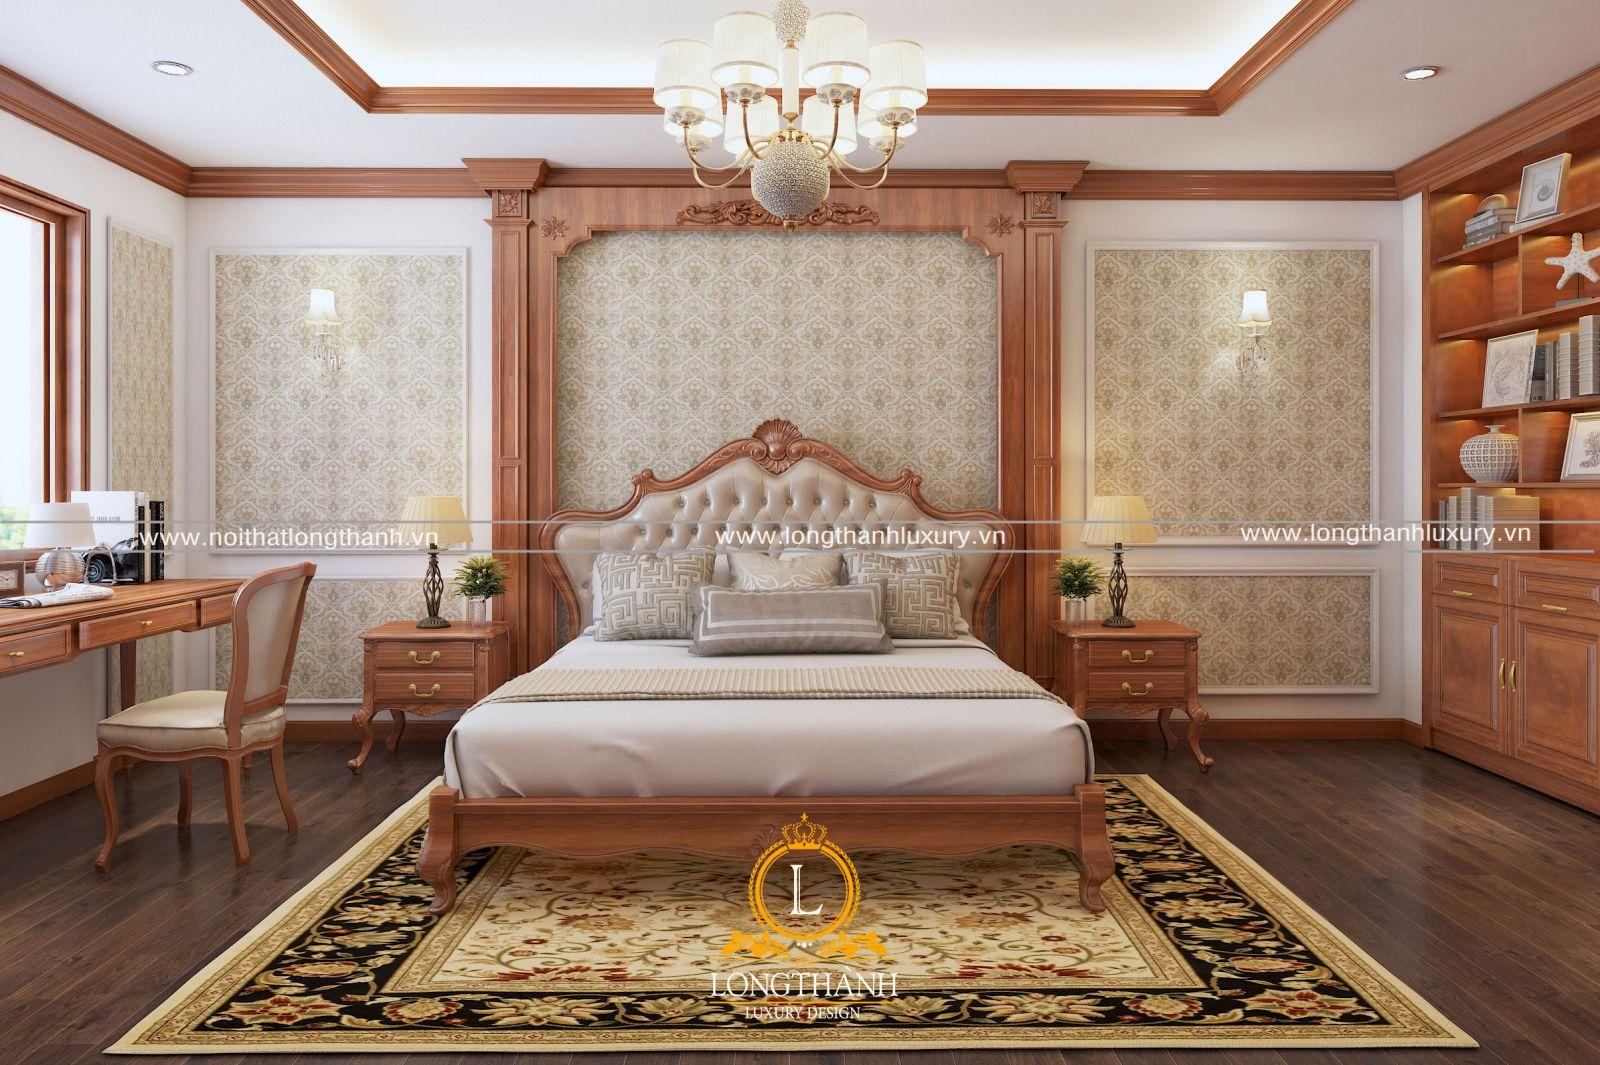 Giường ngủ tân cổ điển gỗ tự nhiên là lựa chọn hoàn hảo